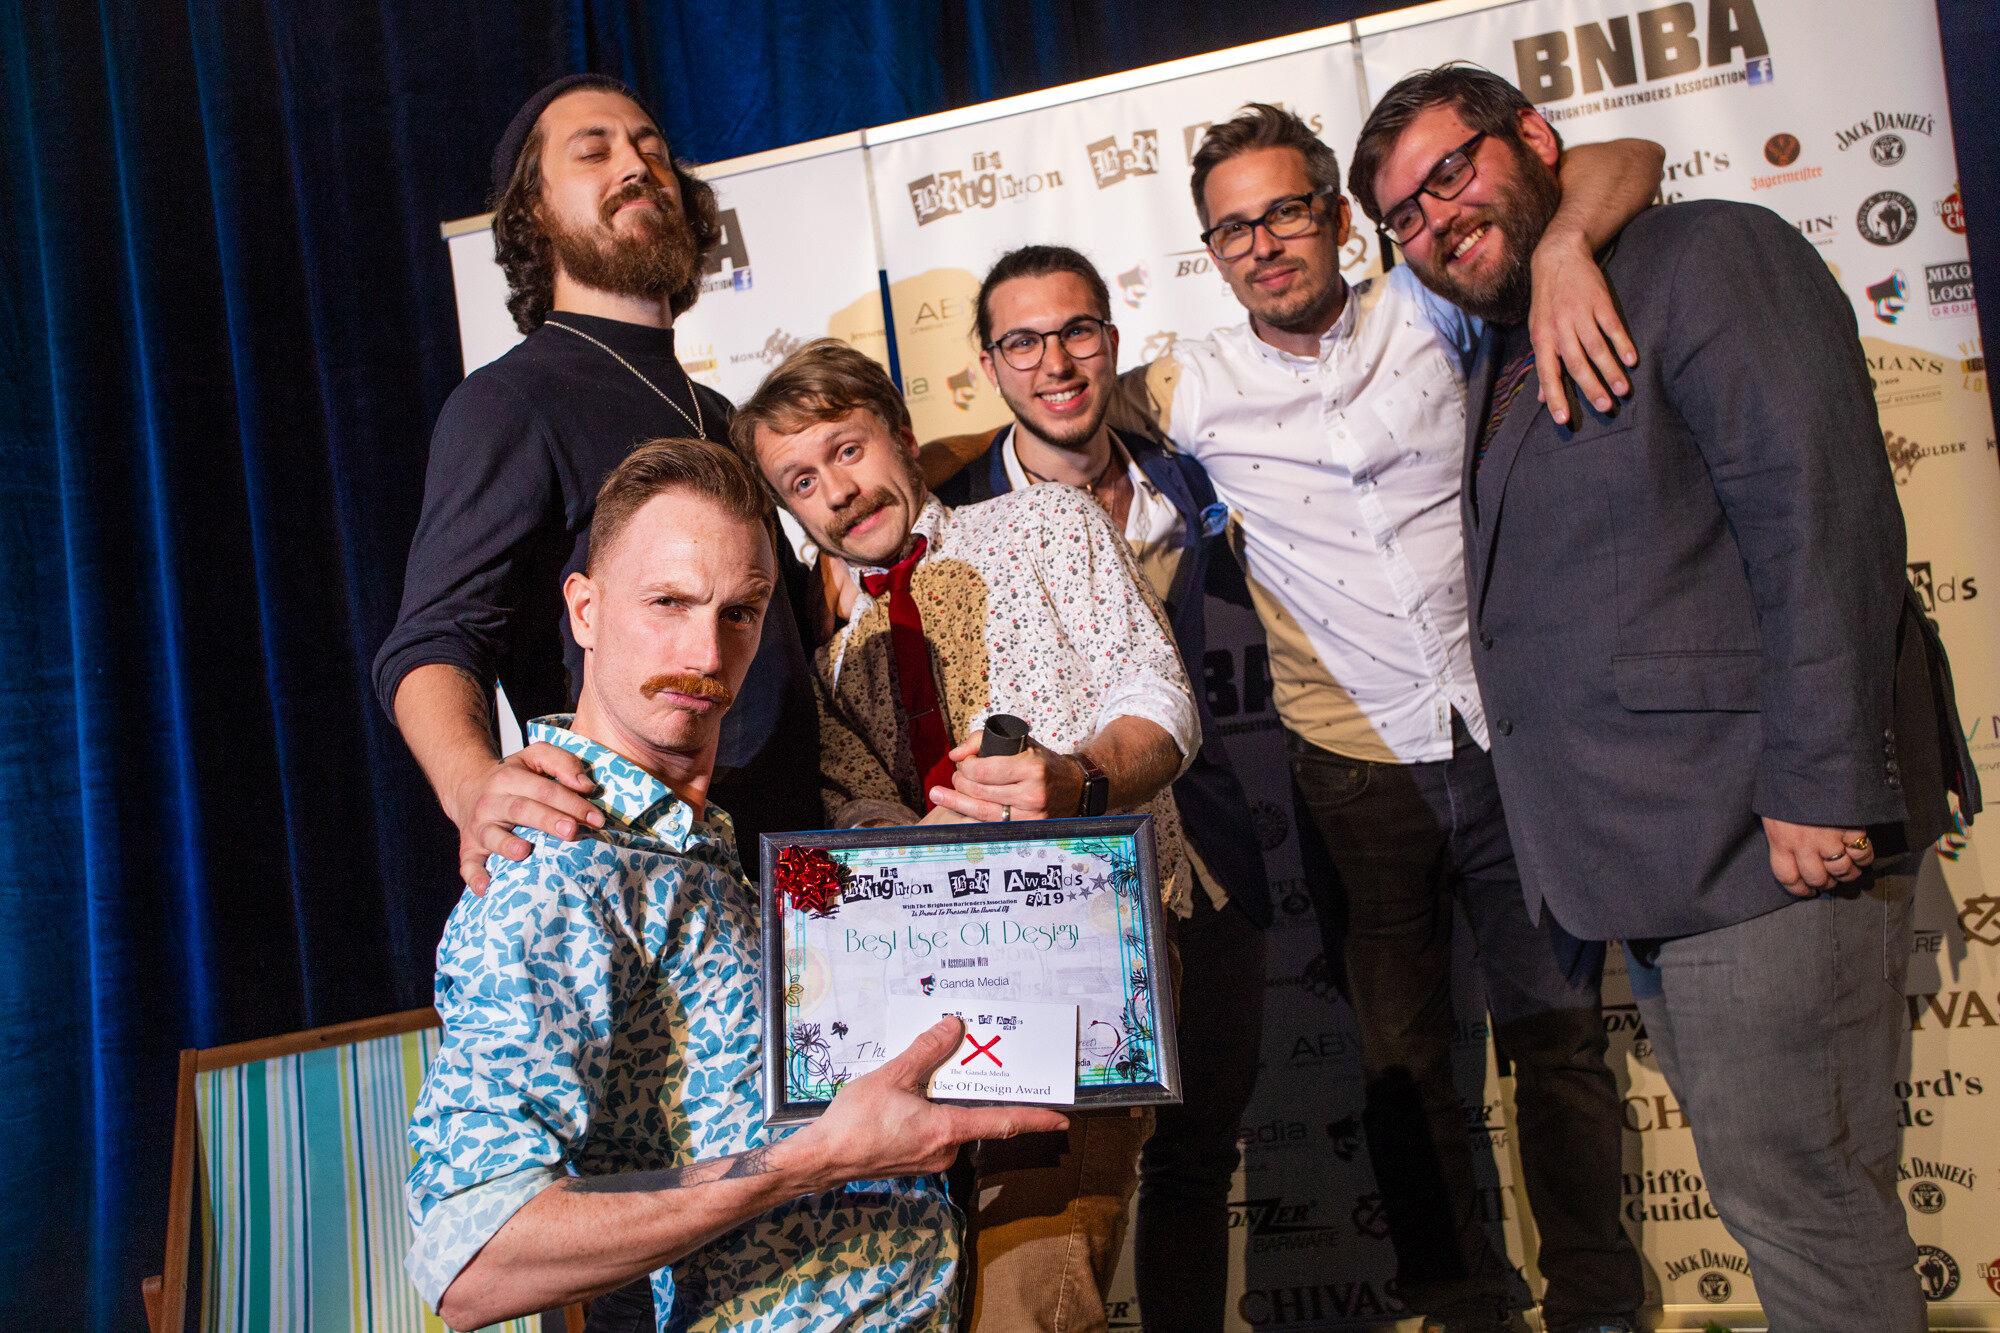 Brighton_Beer_Awards.jpg